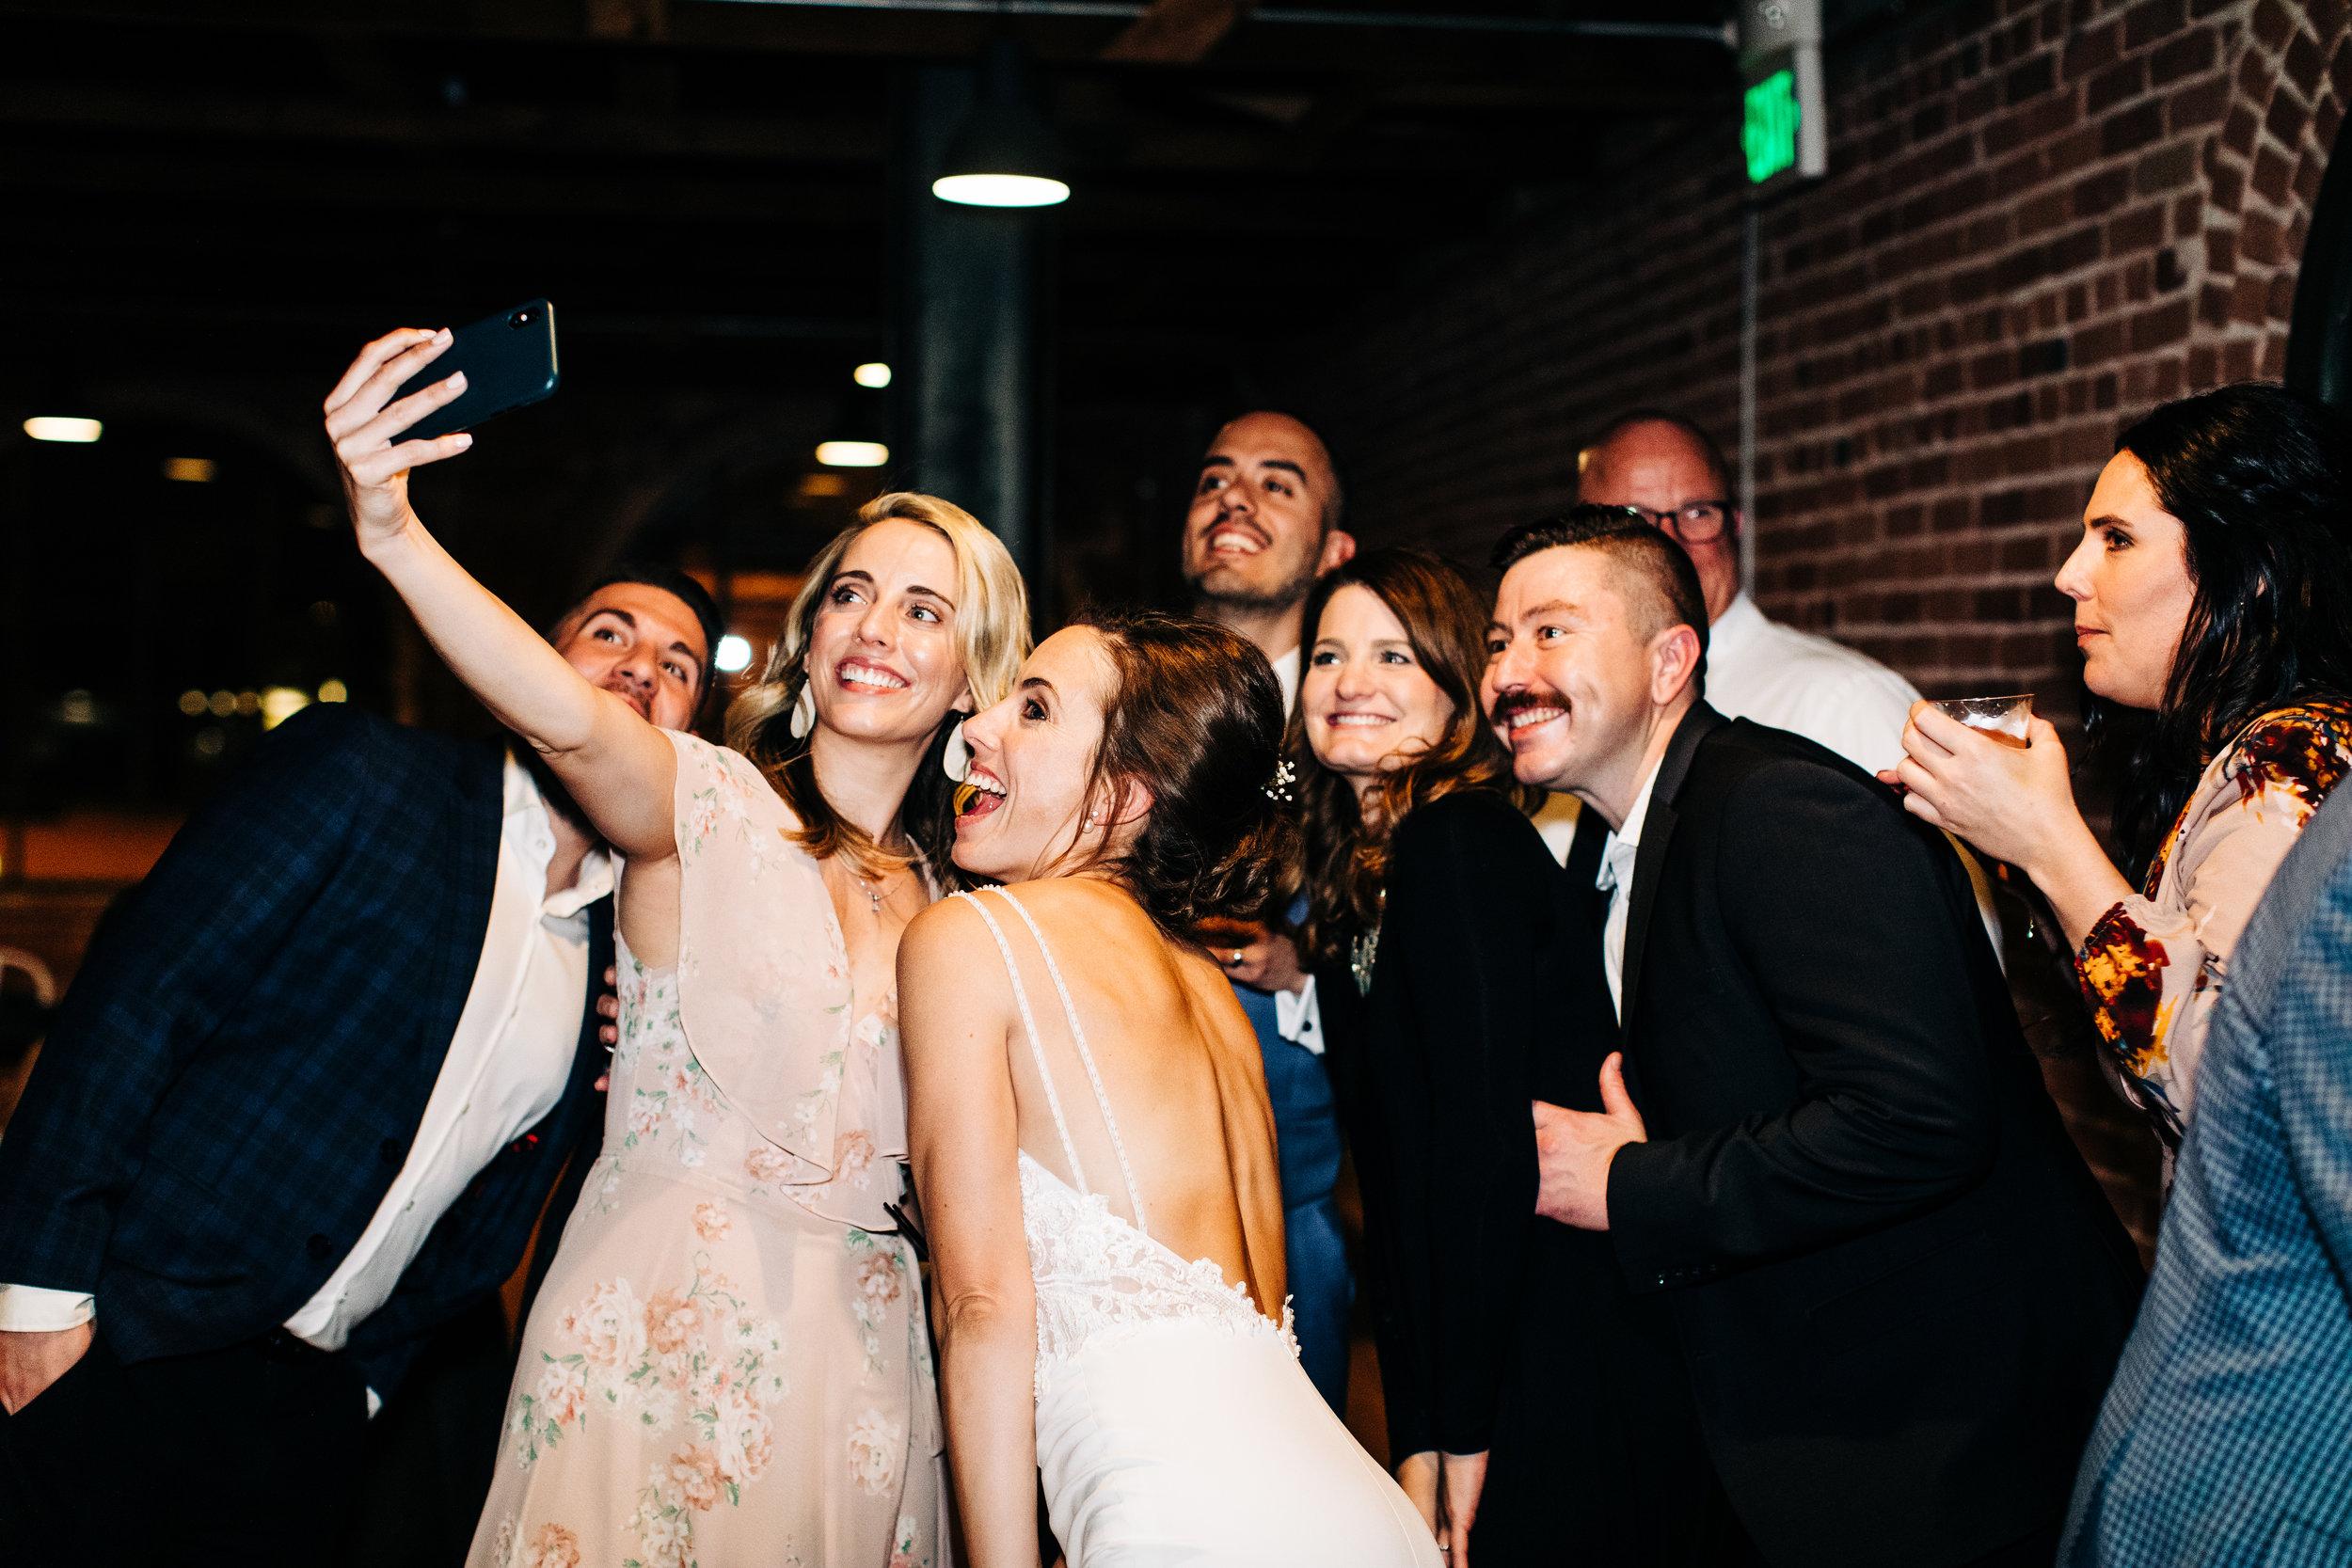 A little selfie action!